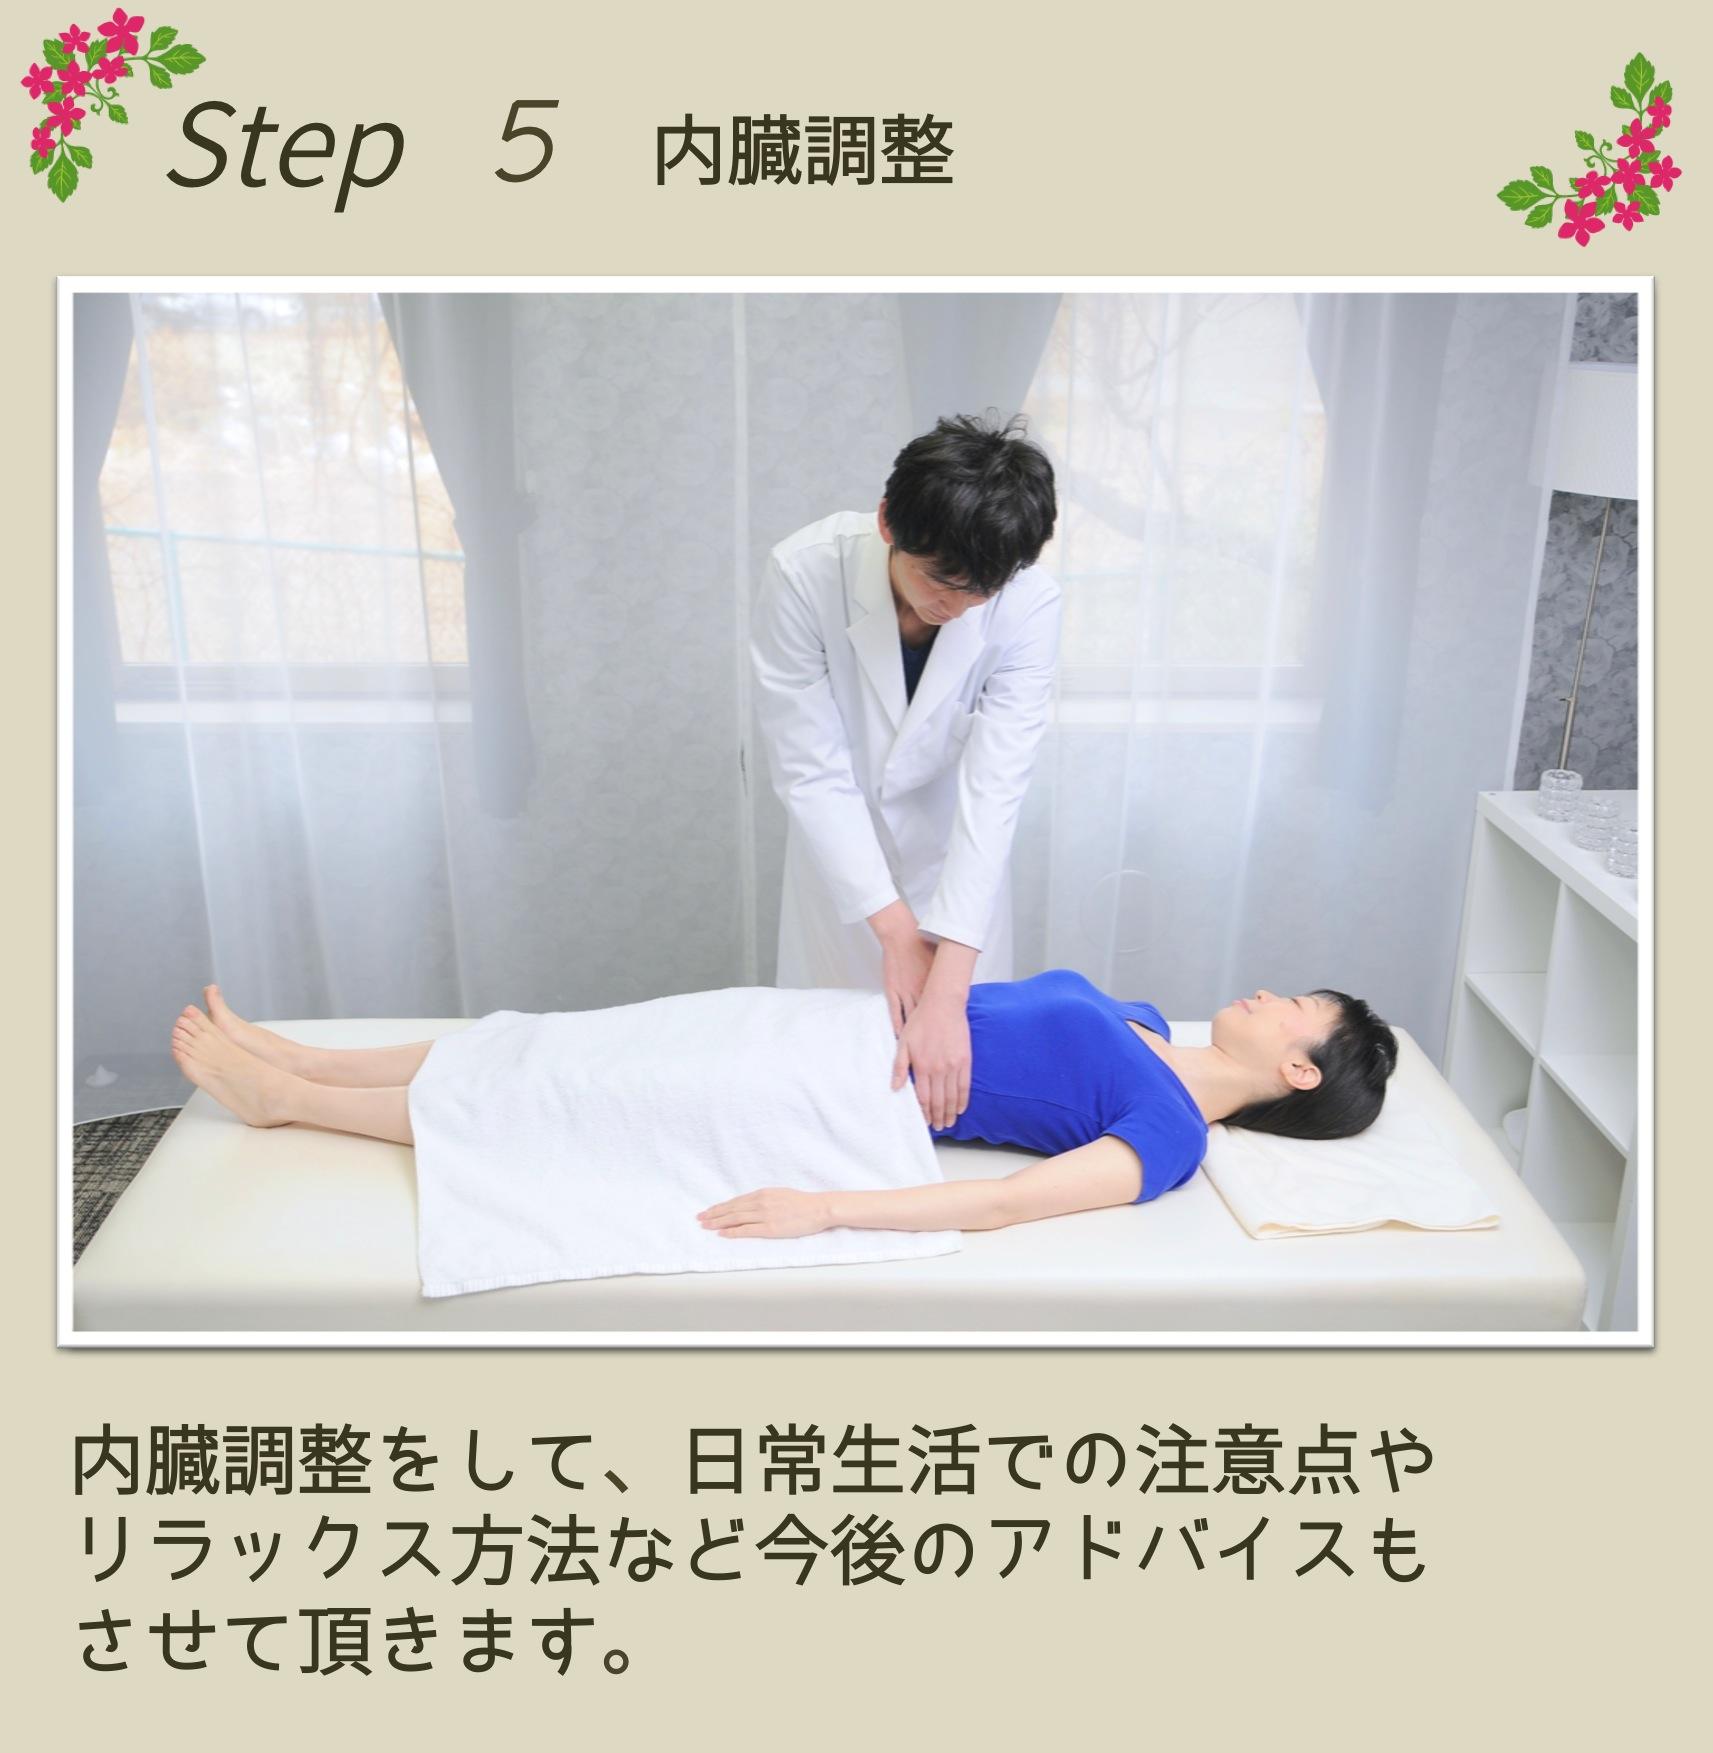 内臓調整170223修正肩こりんHP.jpg